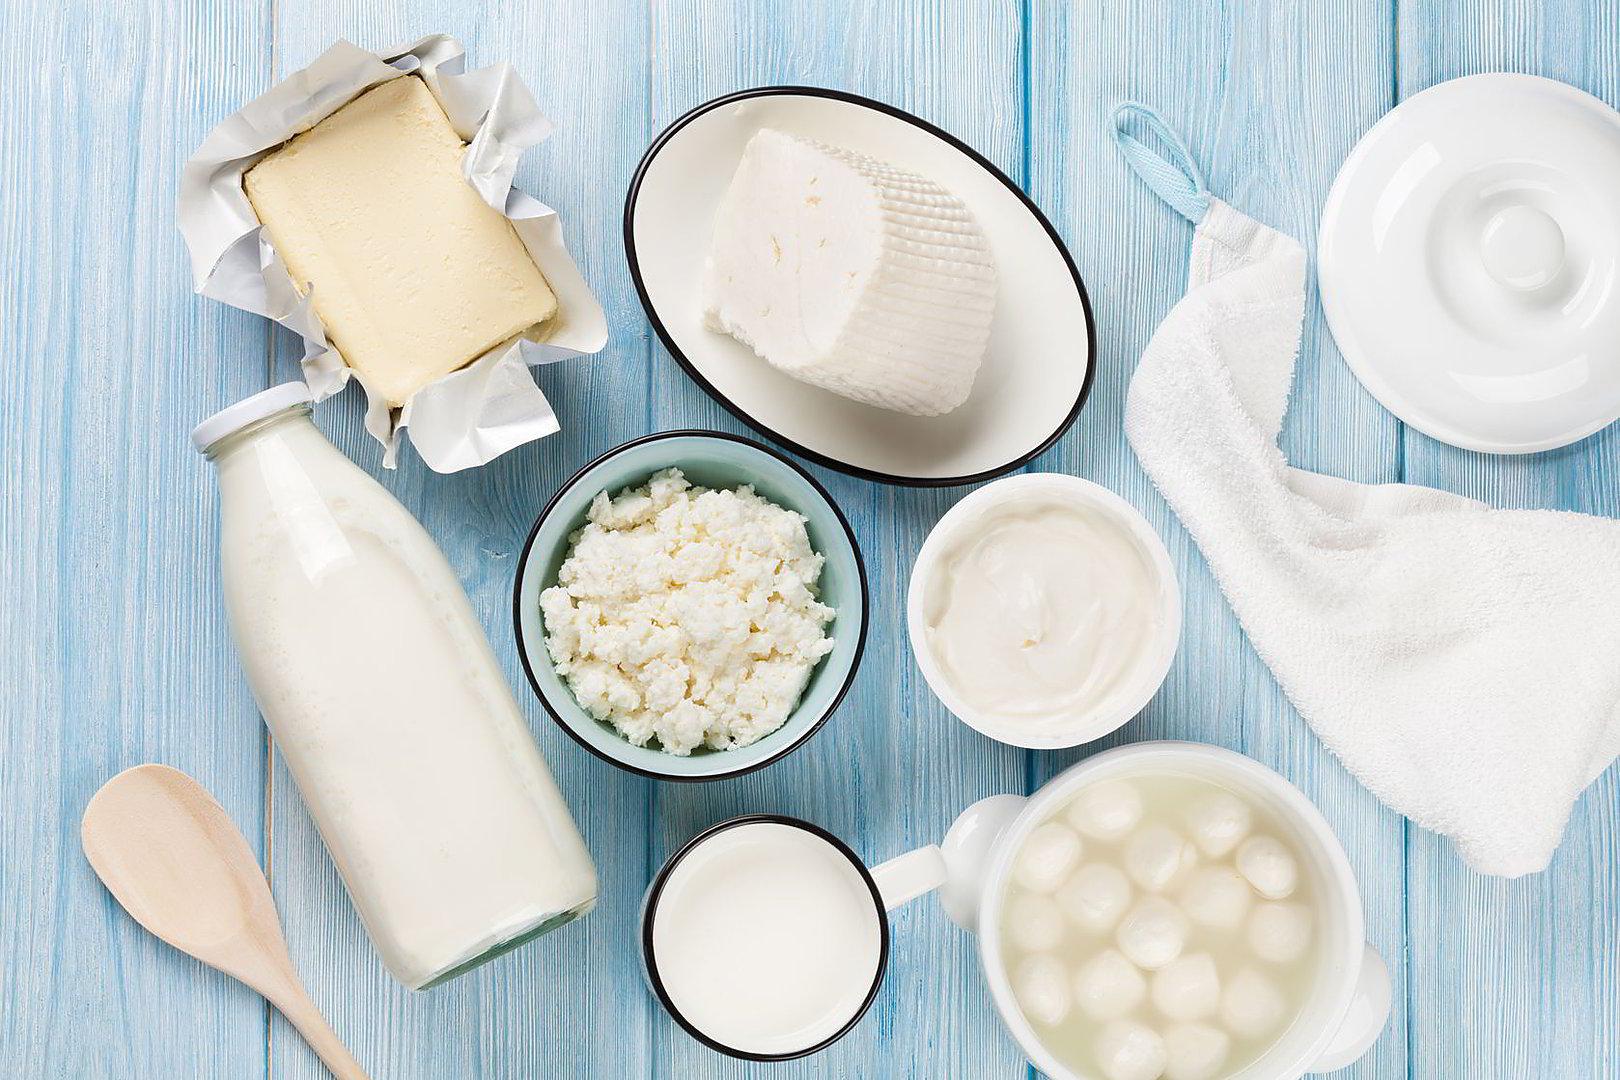 кисломолочные диеты для похудения